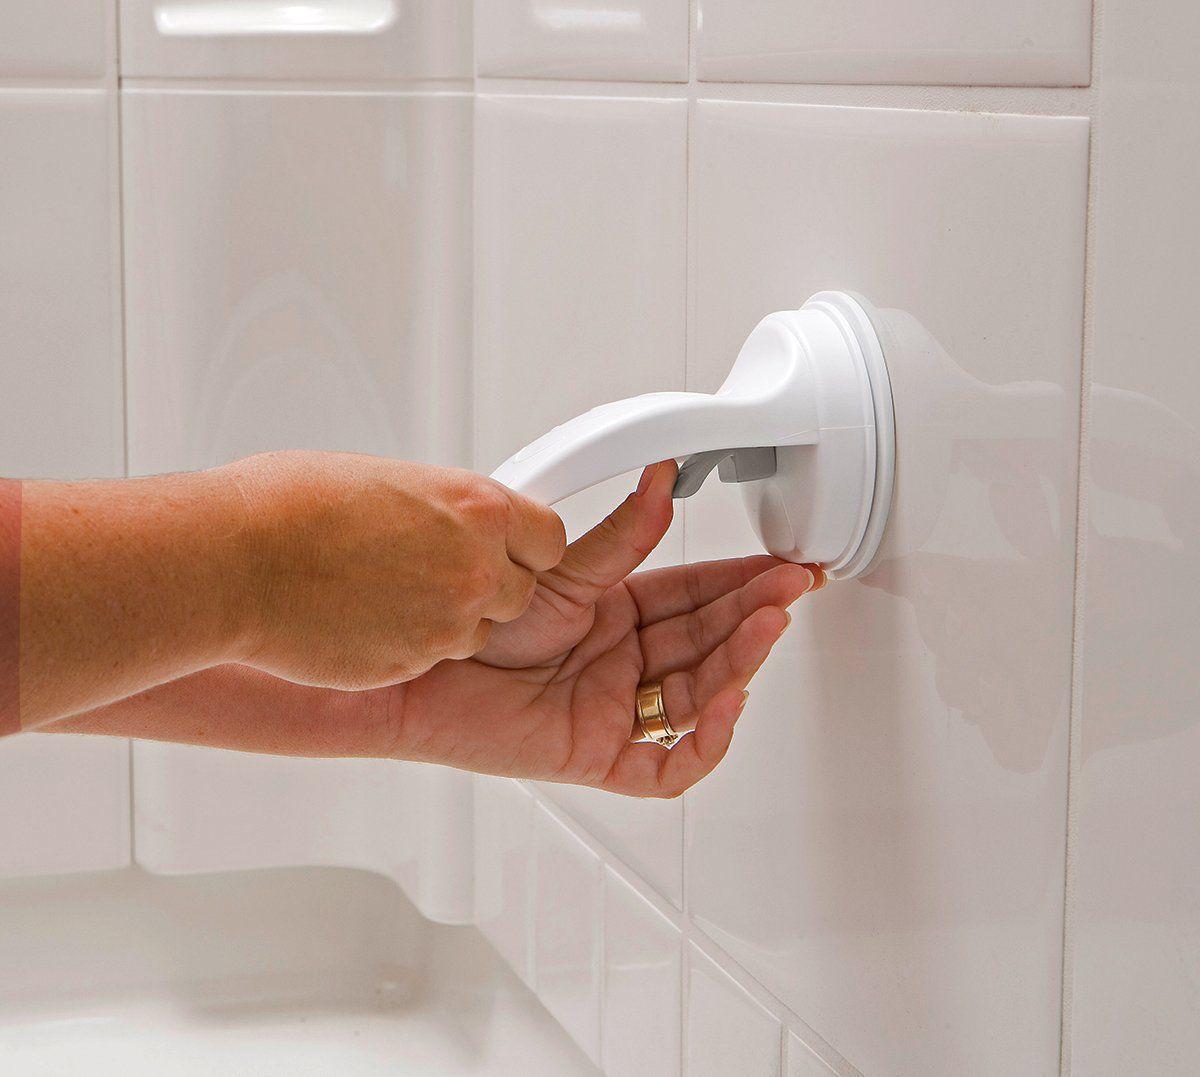 Apoio de pé com Suporte por Ventosa de banheiro para depilação Prana